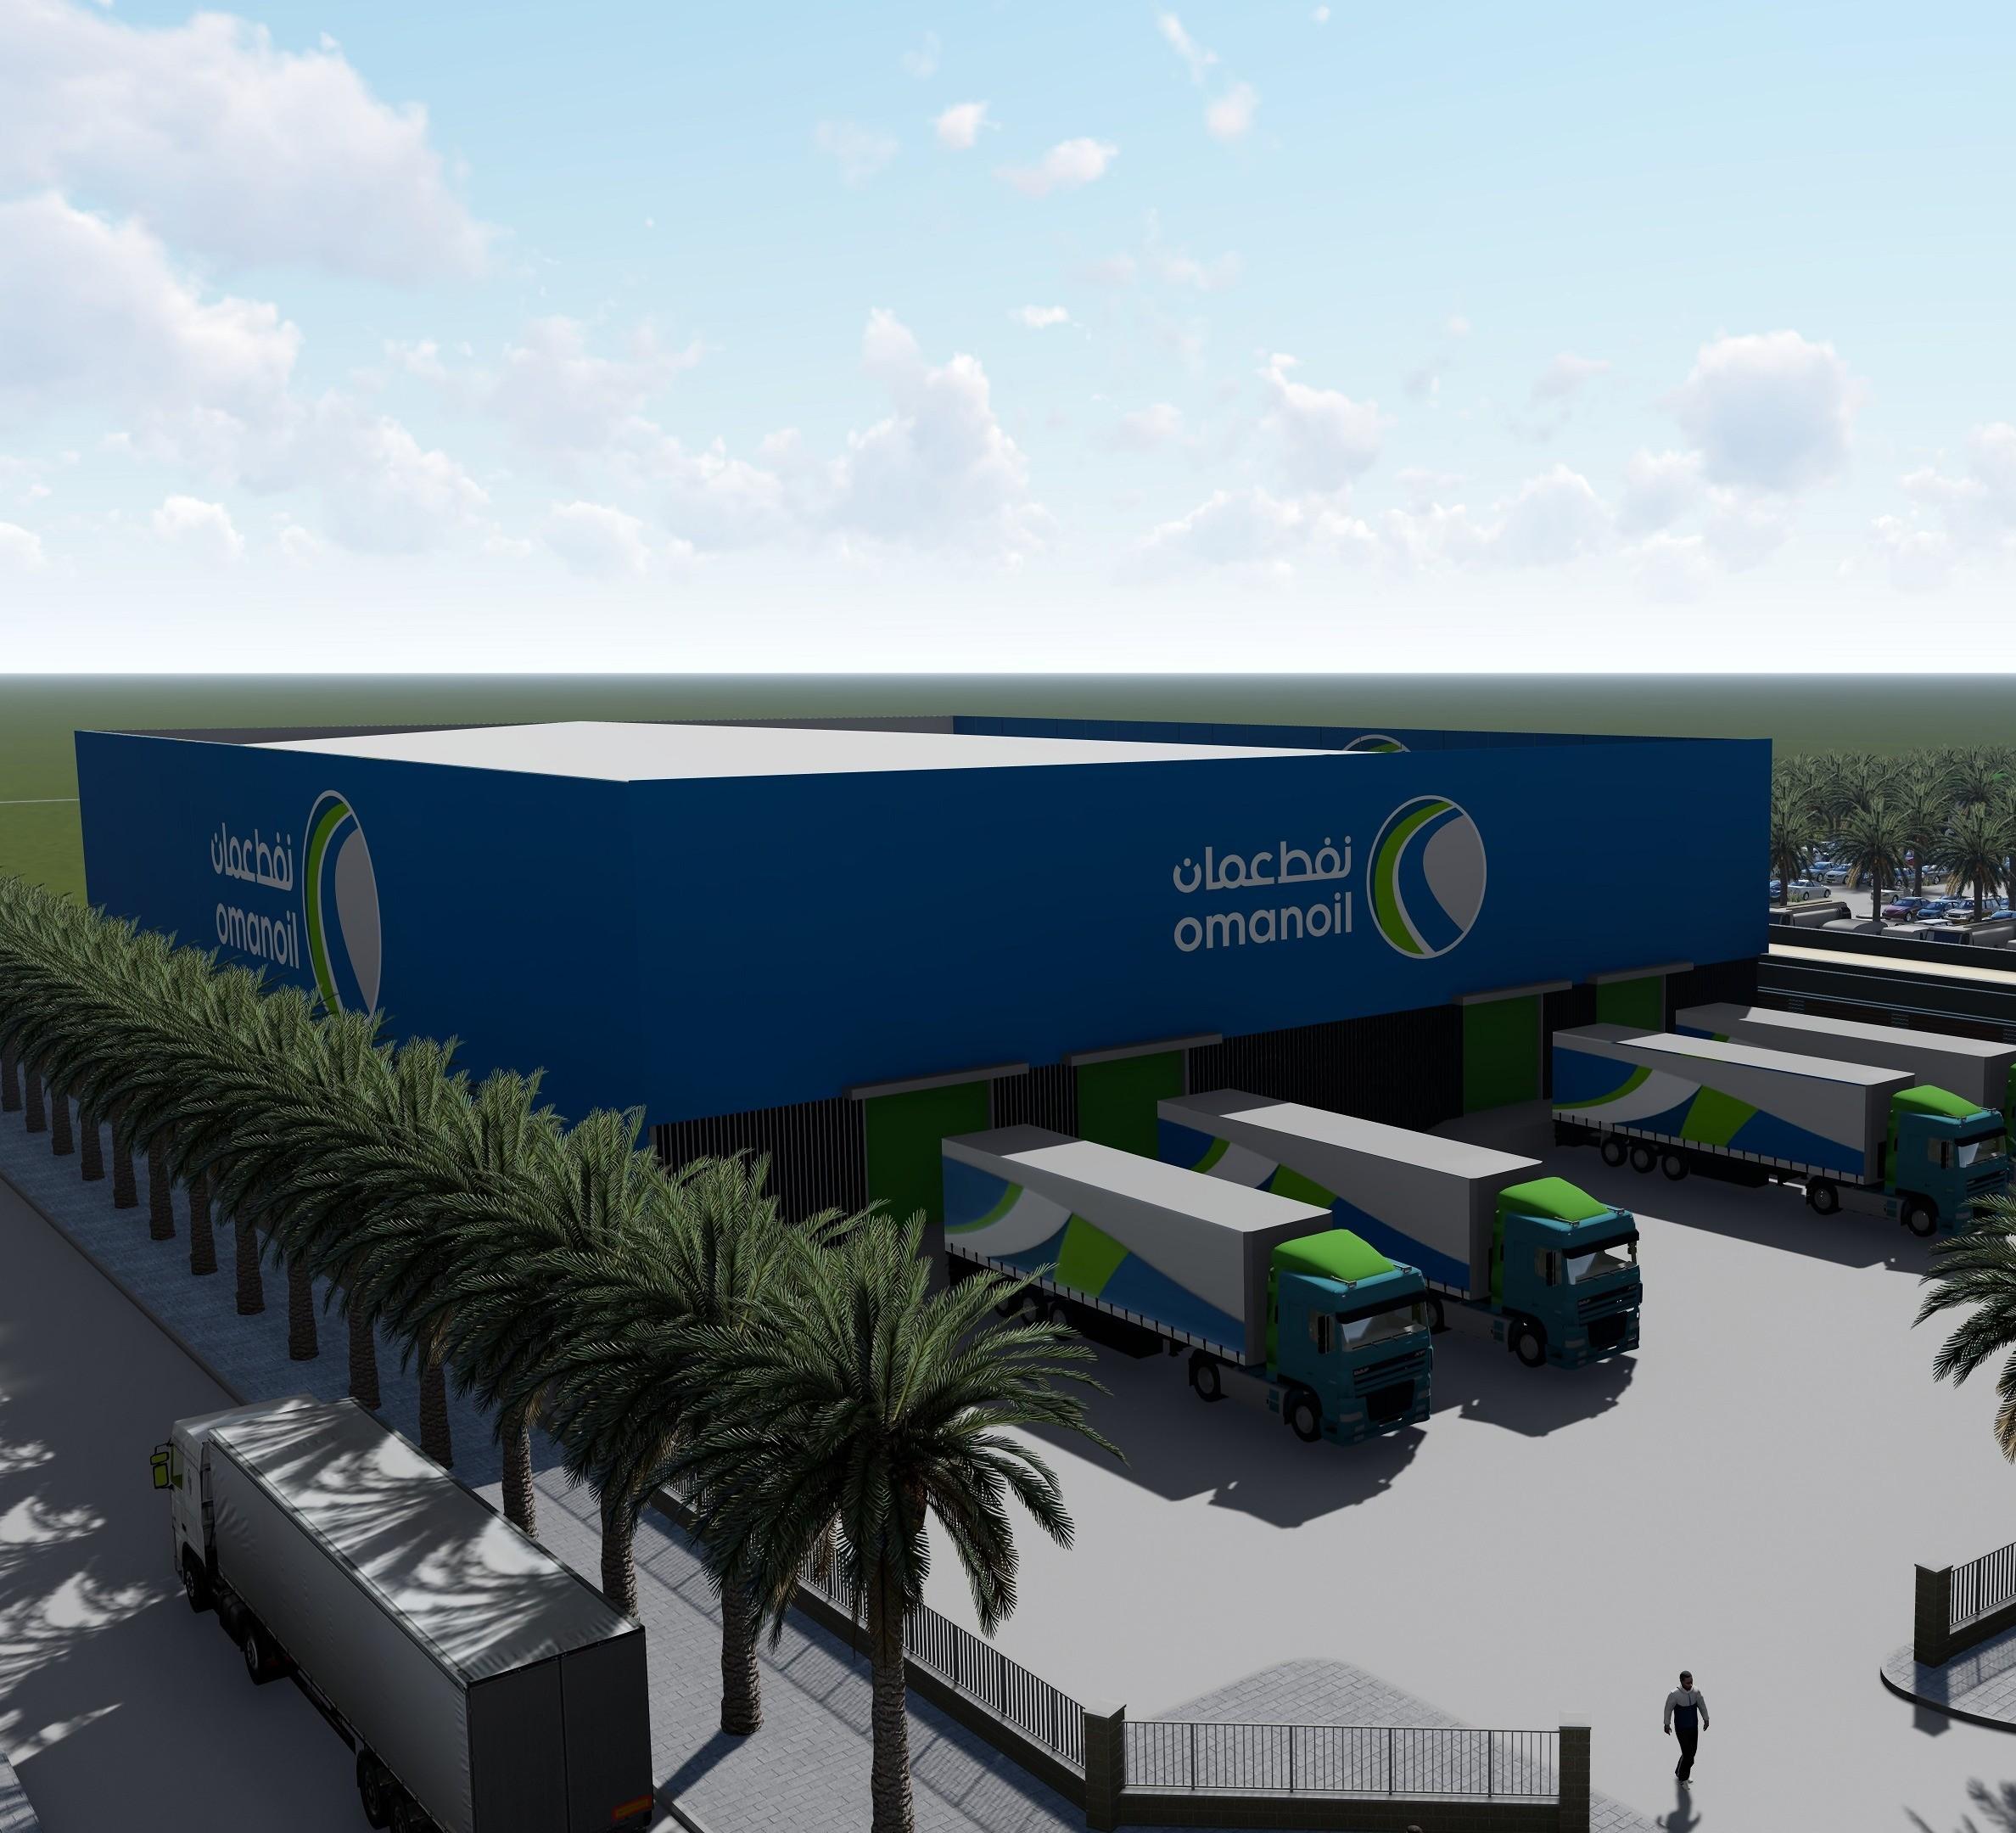 شركة النفط العُمانية للتسويق تبرم اتفاقية مع شركة المدينة اللوجستية لتزويدها بخدمات إدارة وتخزين المنتجات